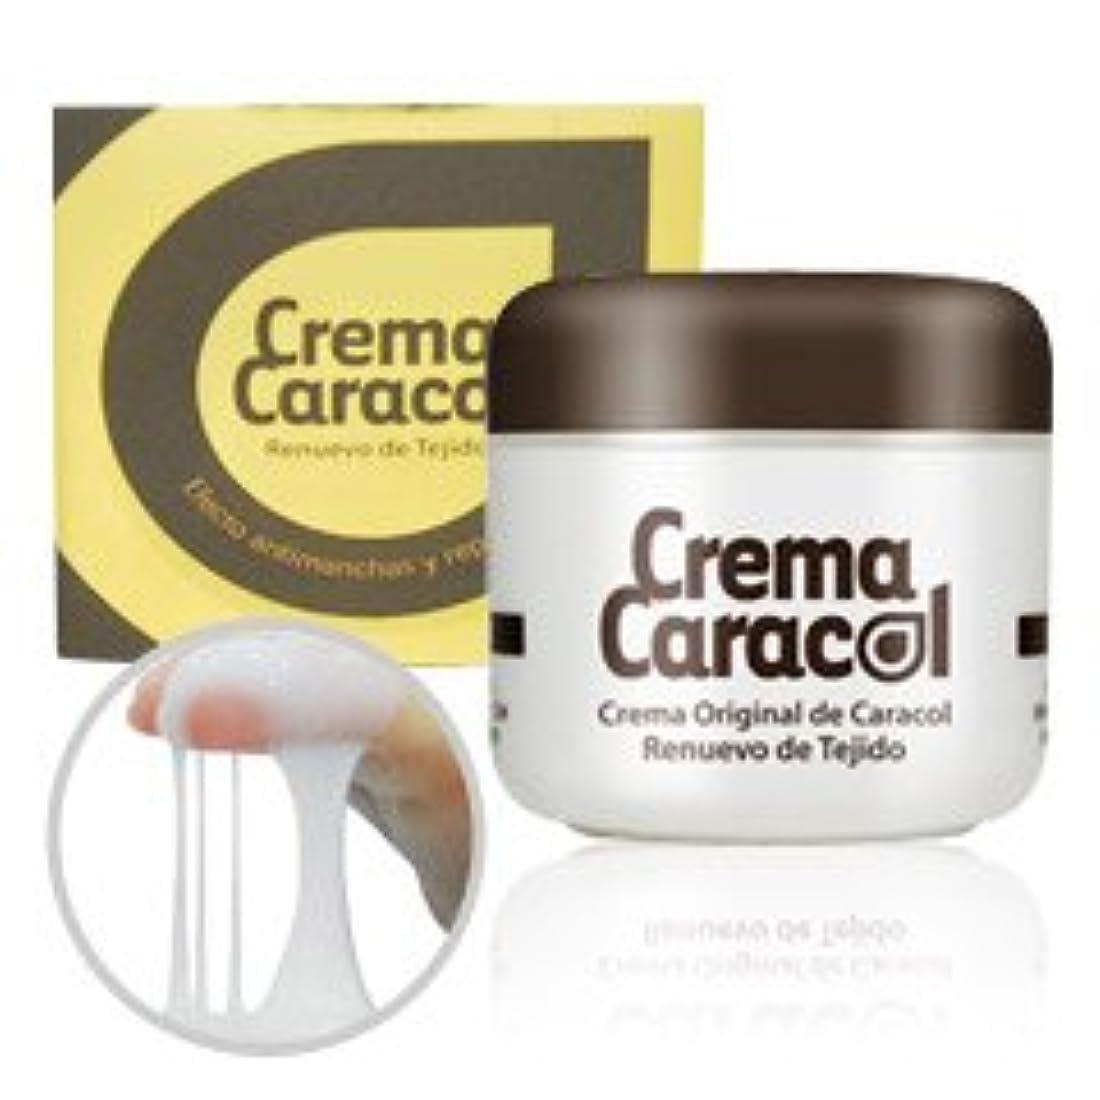 厚くする接地パキスタン人crema caracol(カラコール) かたつむりクリーム 3個セット